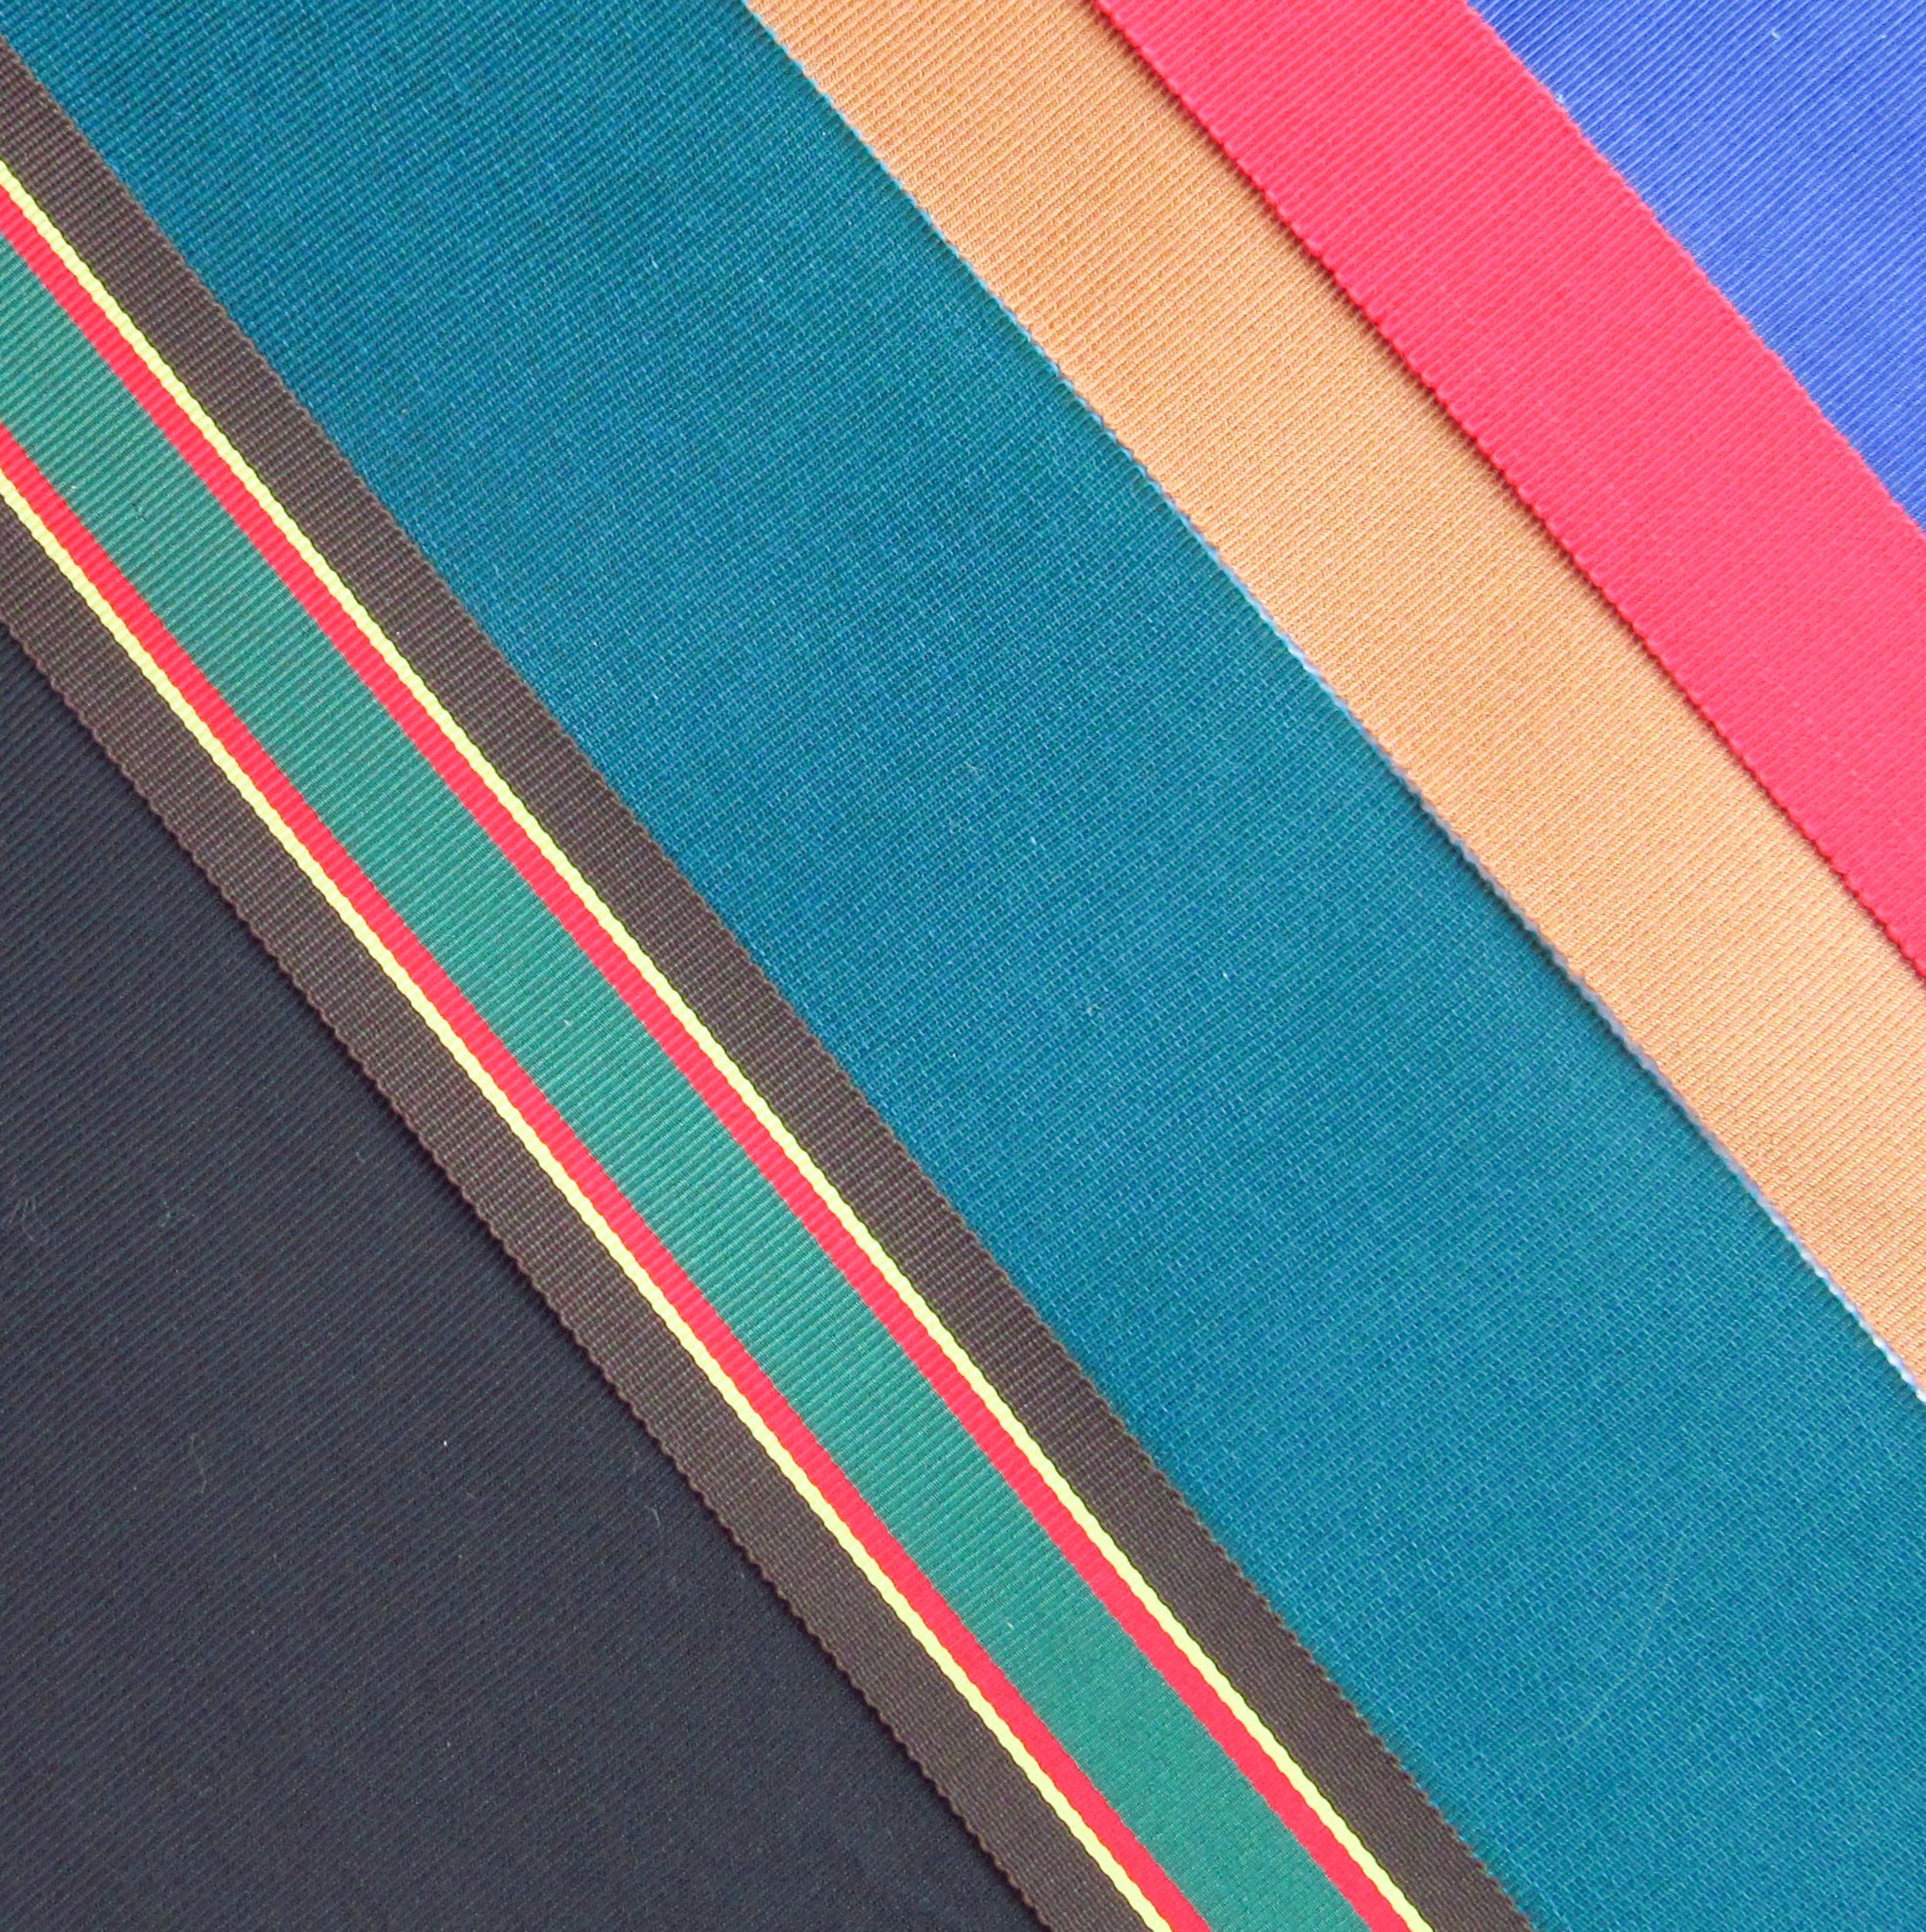 Gros grain ribbons